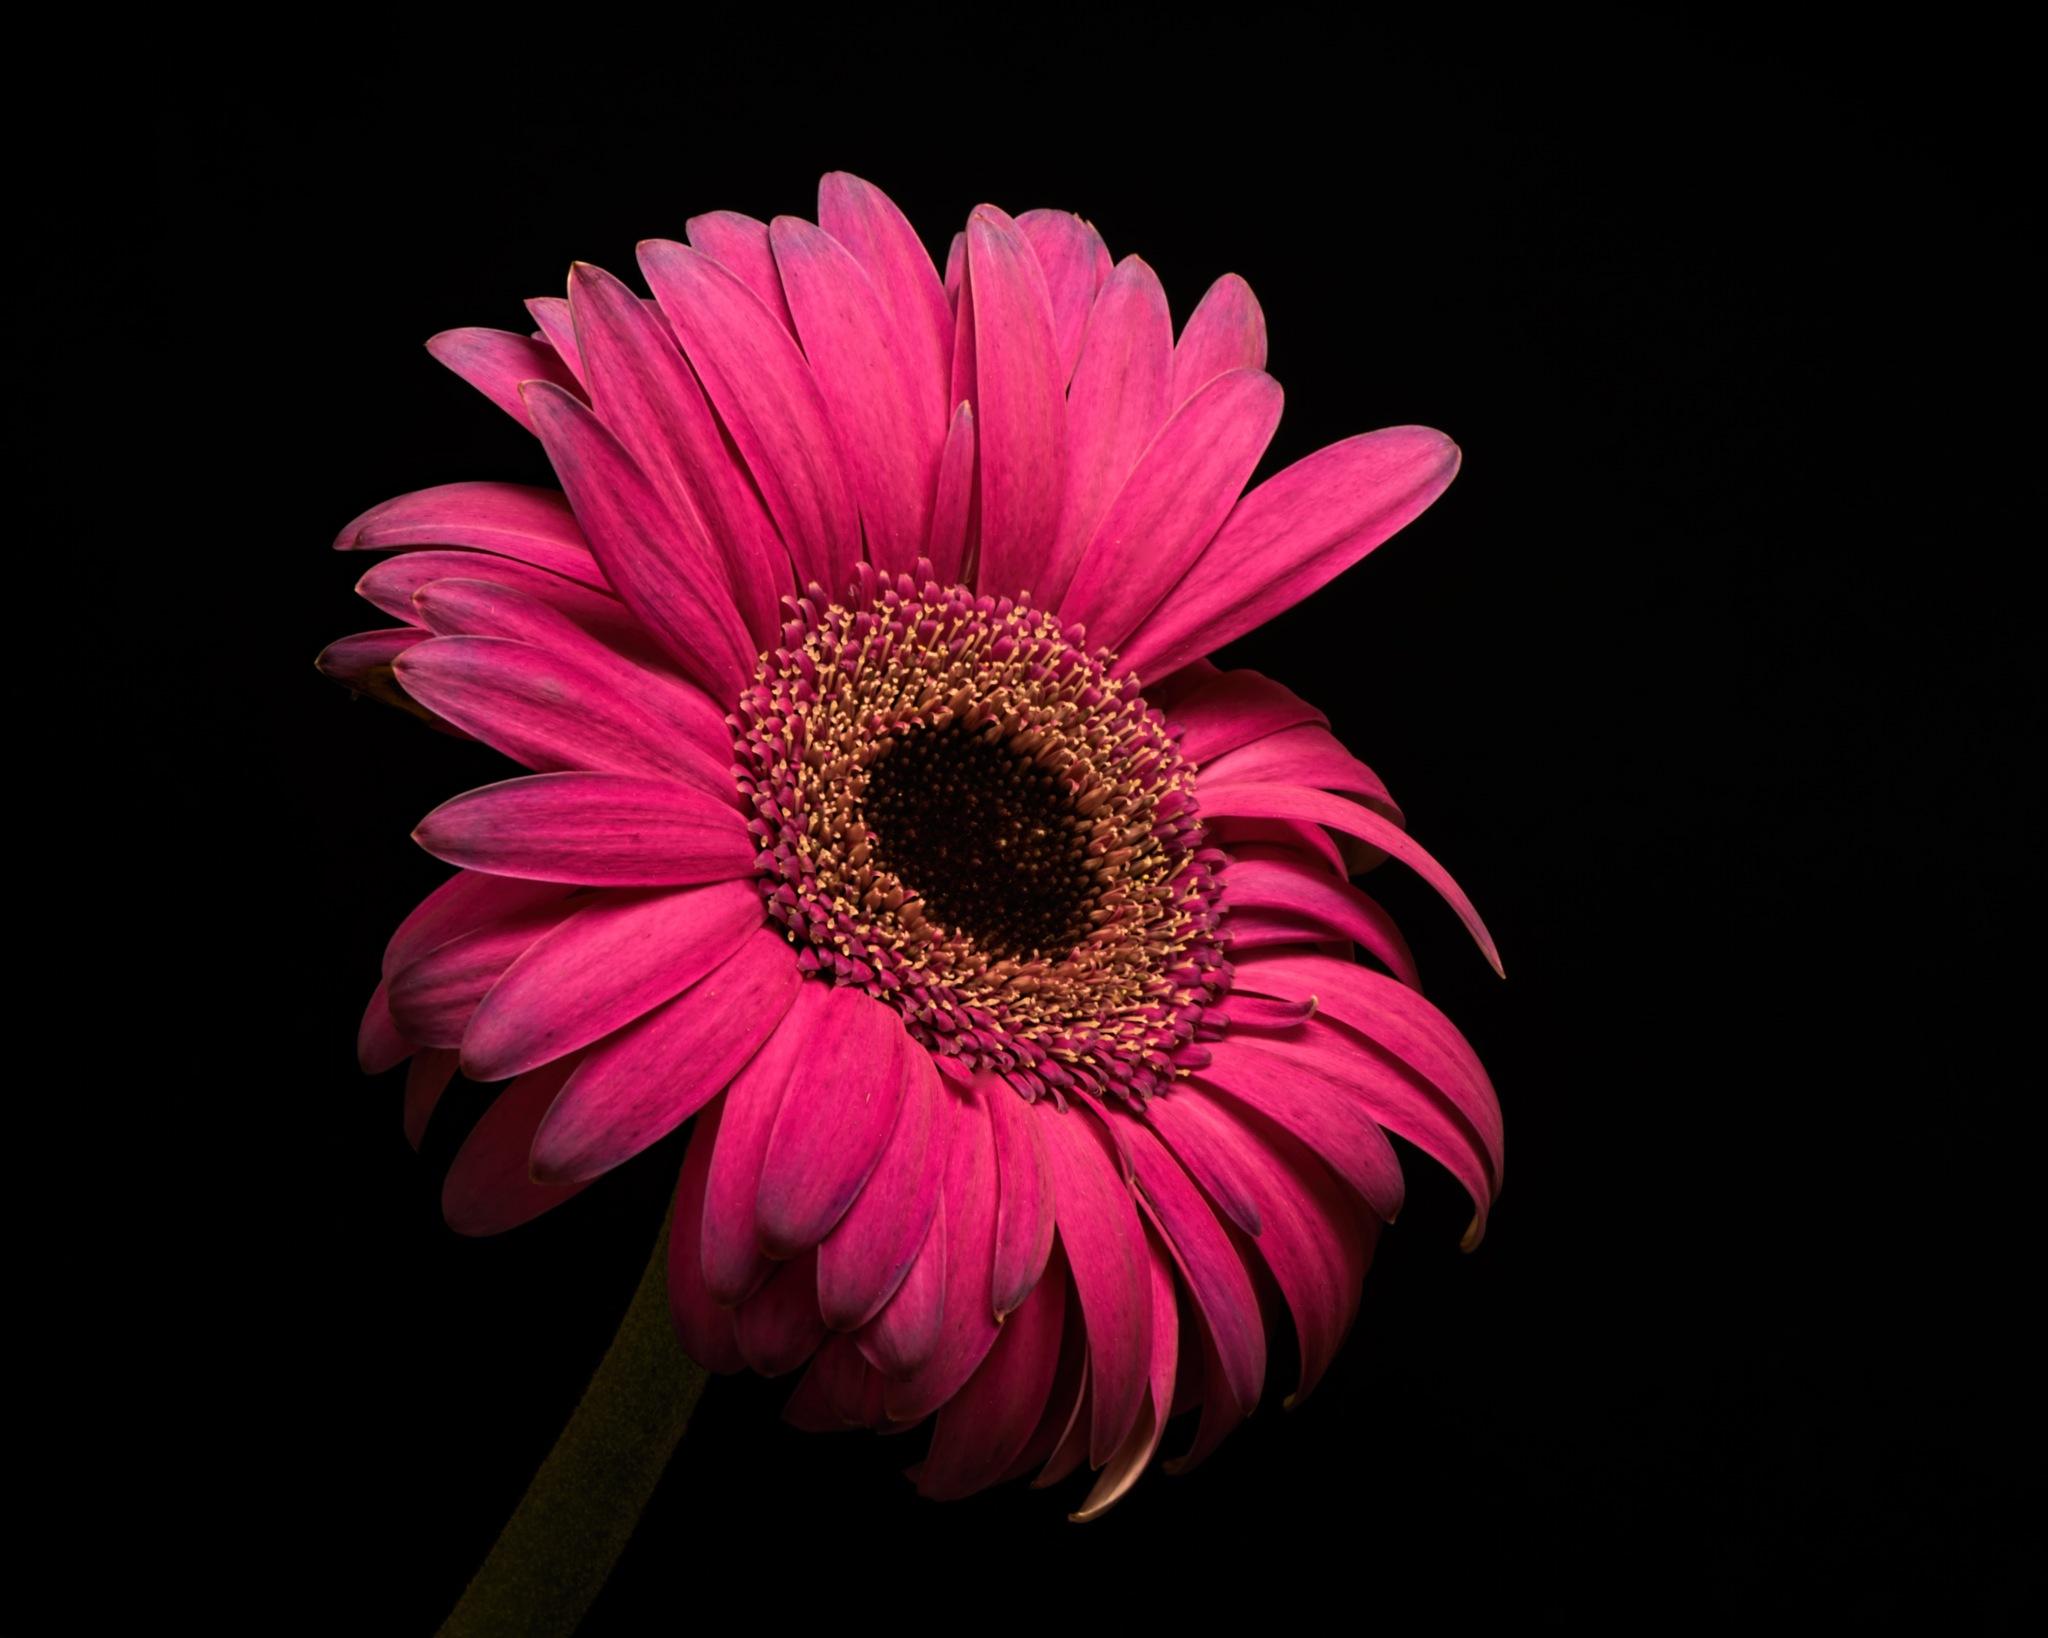 Single Pink Gerbera Daisy 0806 by ThomasJerger